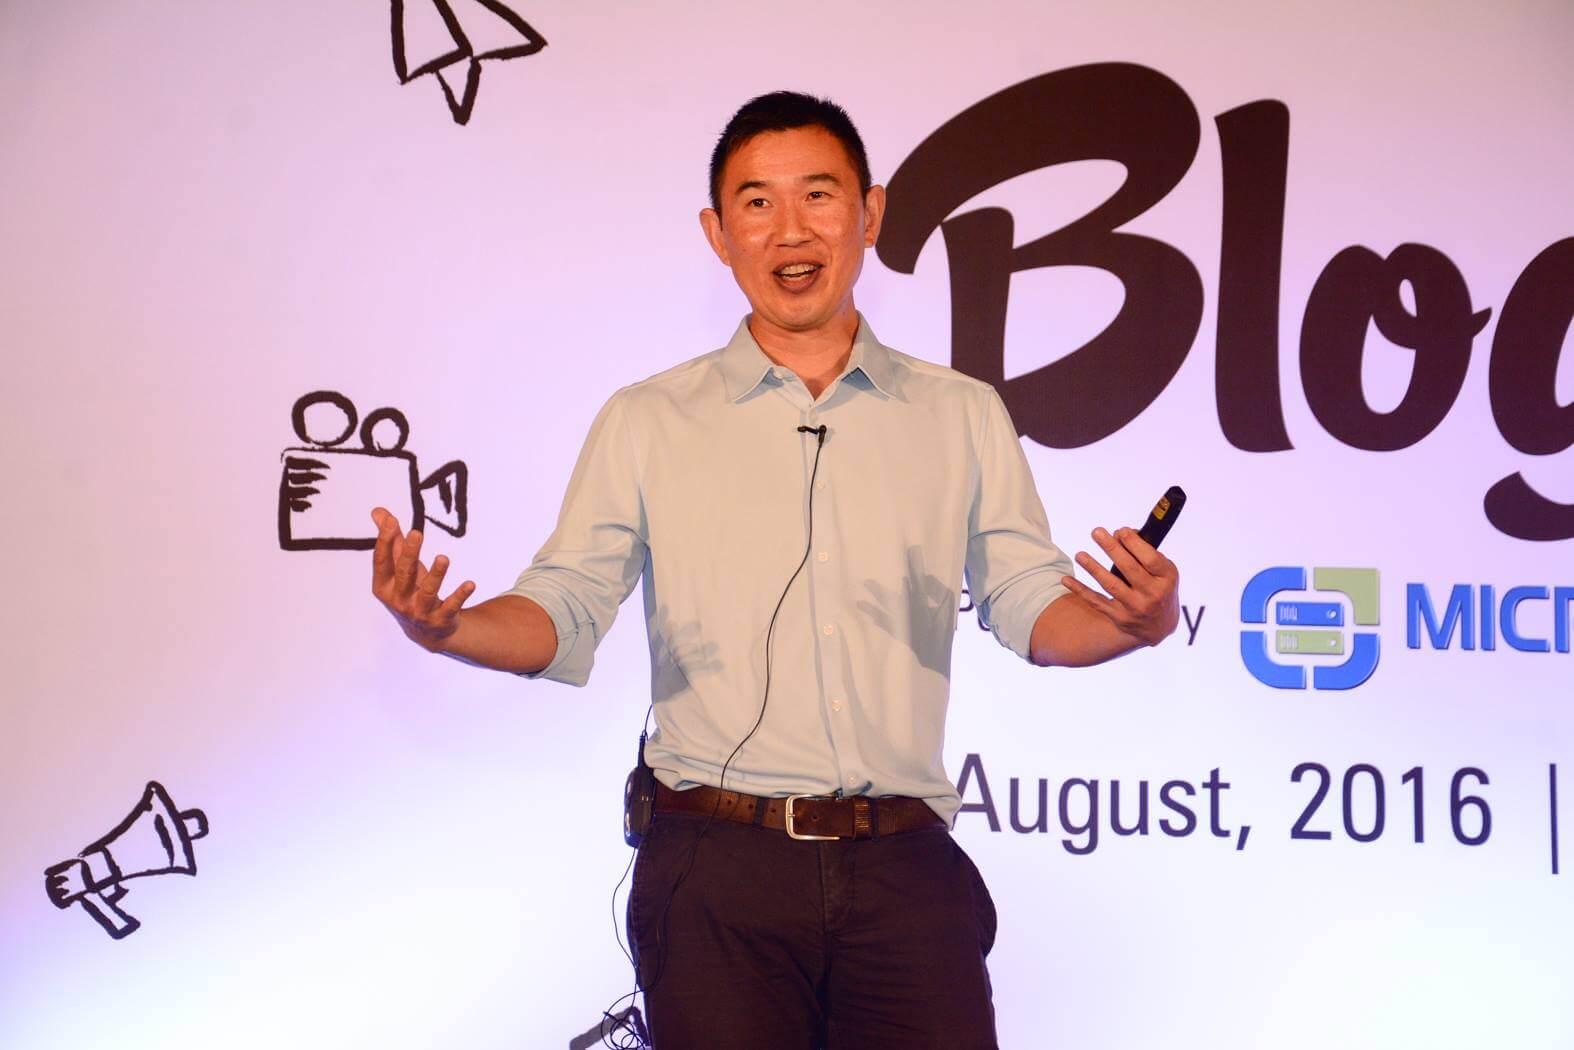 jon yau at blogx